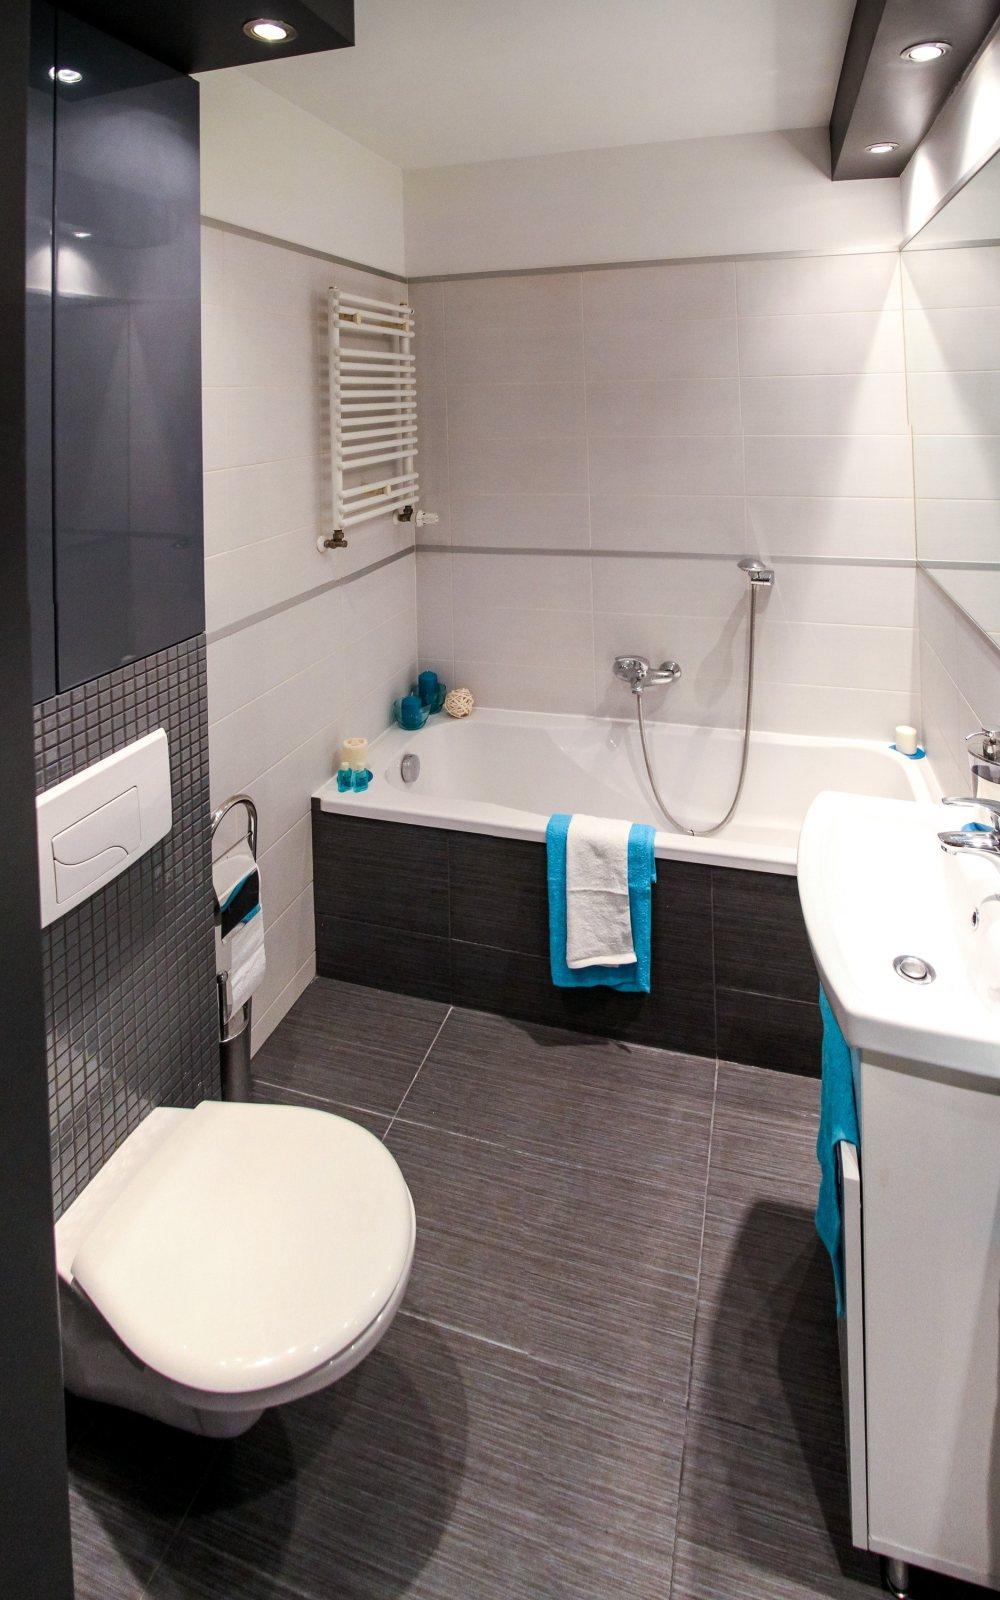 керамическая плитка на полу ванной комнаты, ванная комната с прямоугольной плиткой, темный пол ванной комнаты